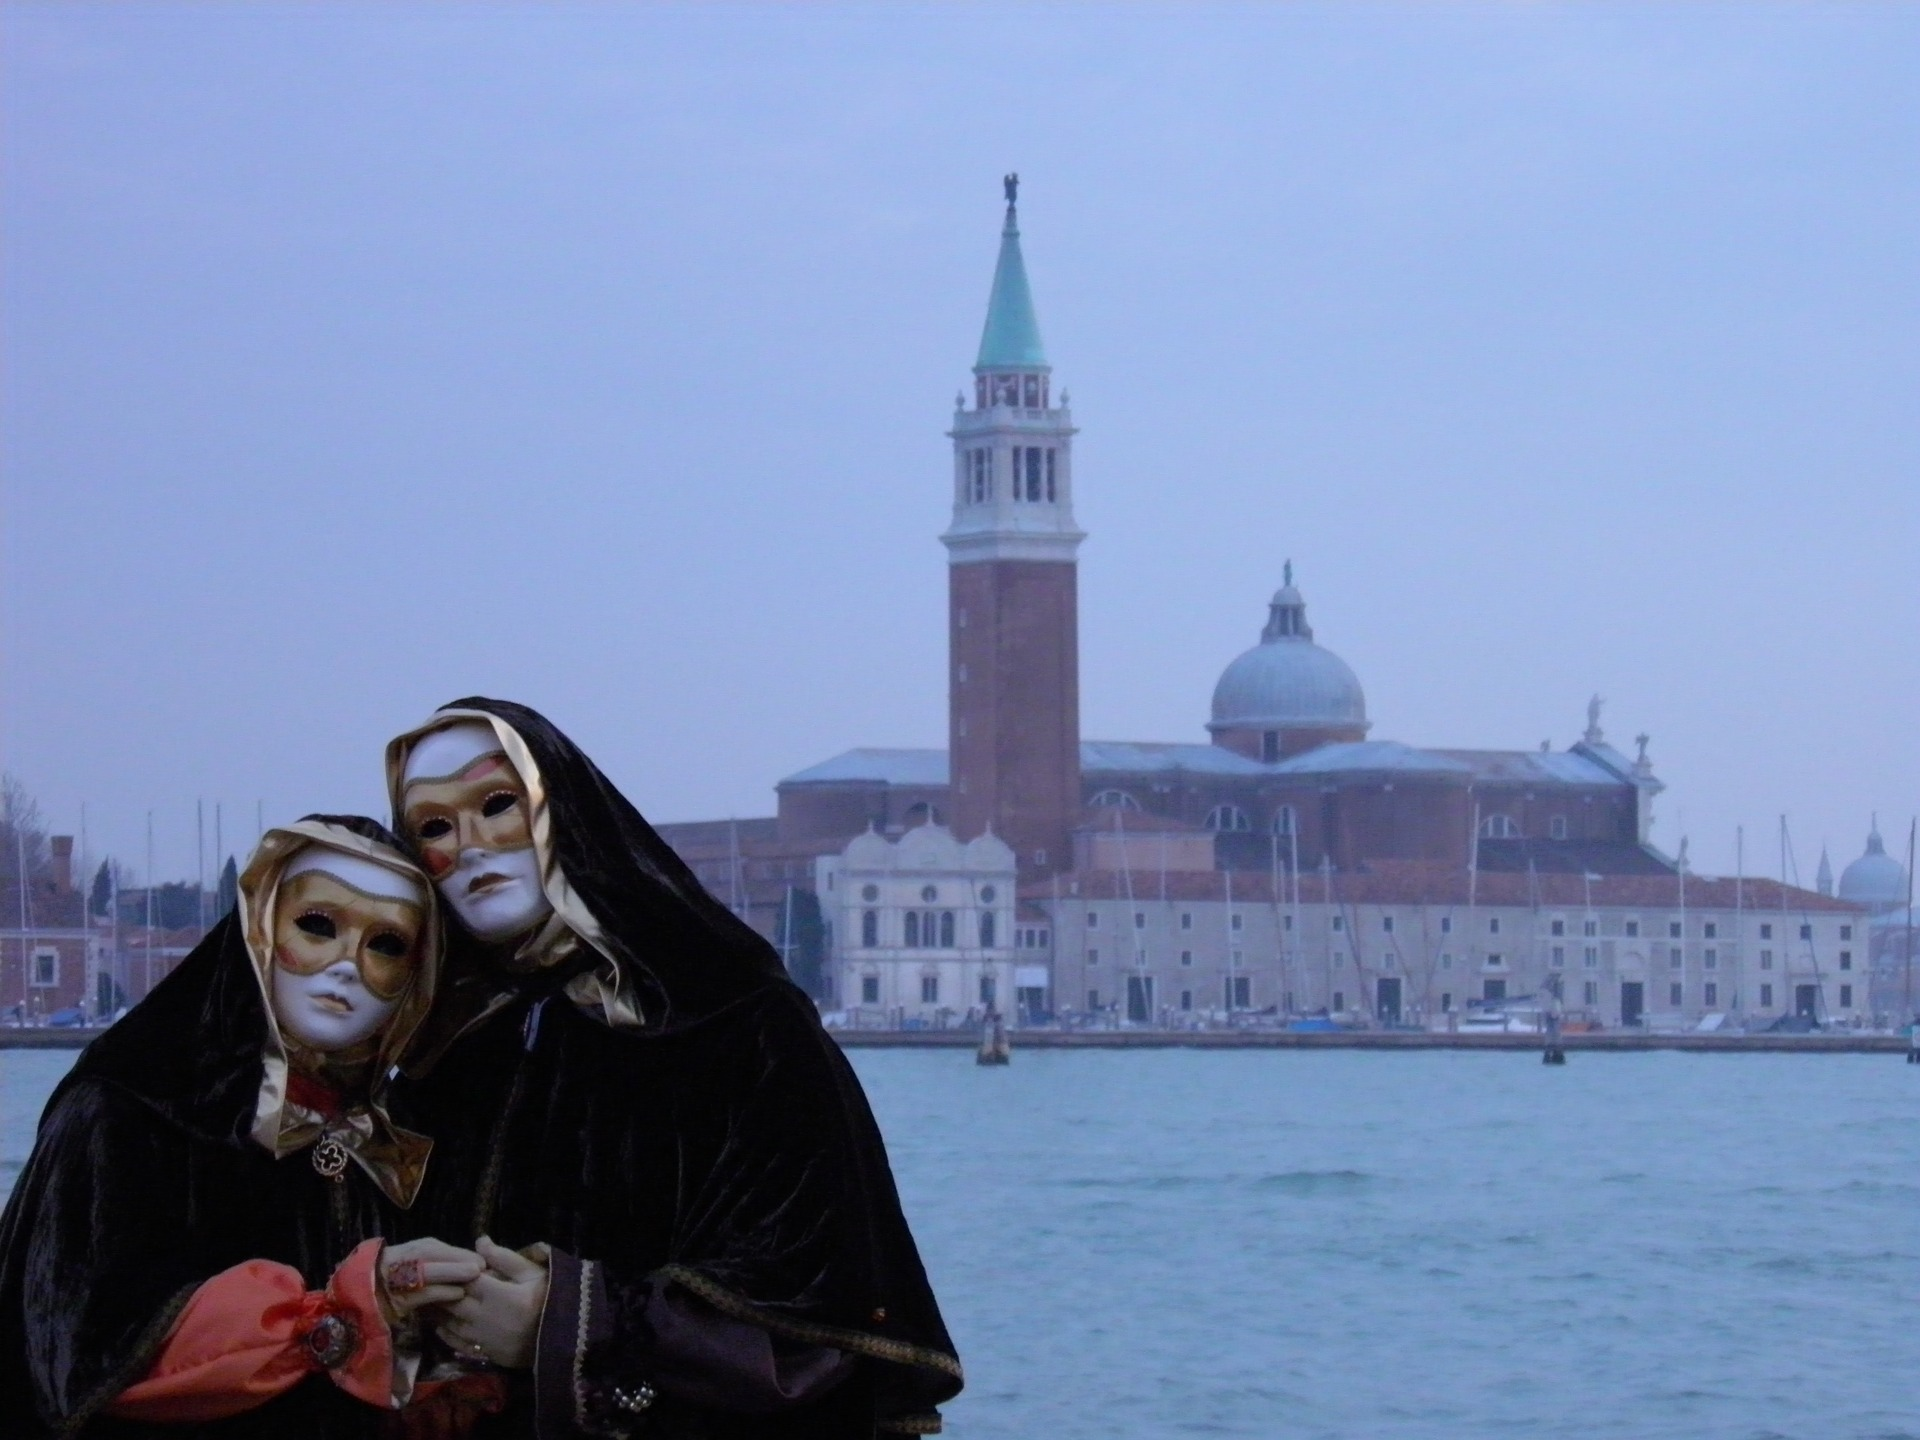 Carnaval de Venecia, Italia carnaval de venecia - 26495360748 2be6c8bd3e o - Carnaval de Venecia : la historia y elegancia toman la calle